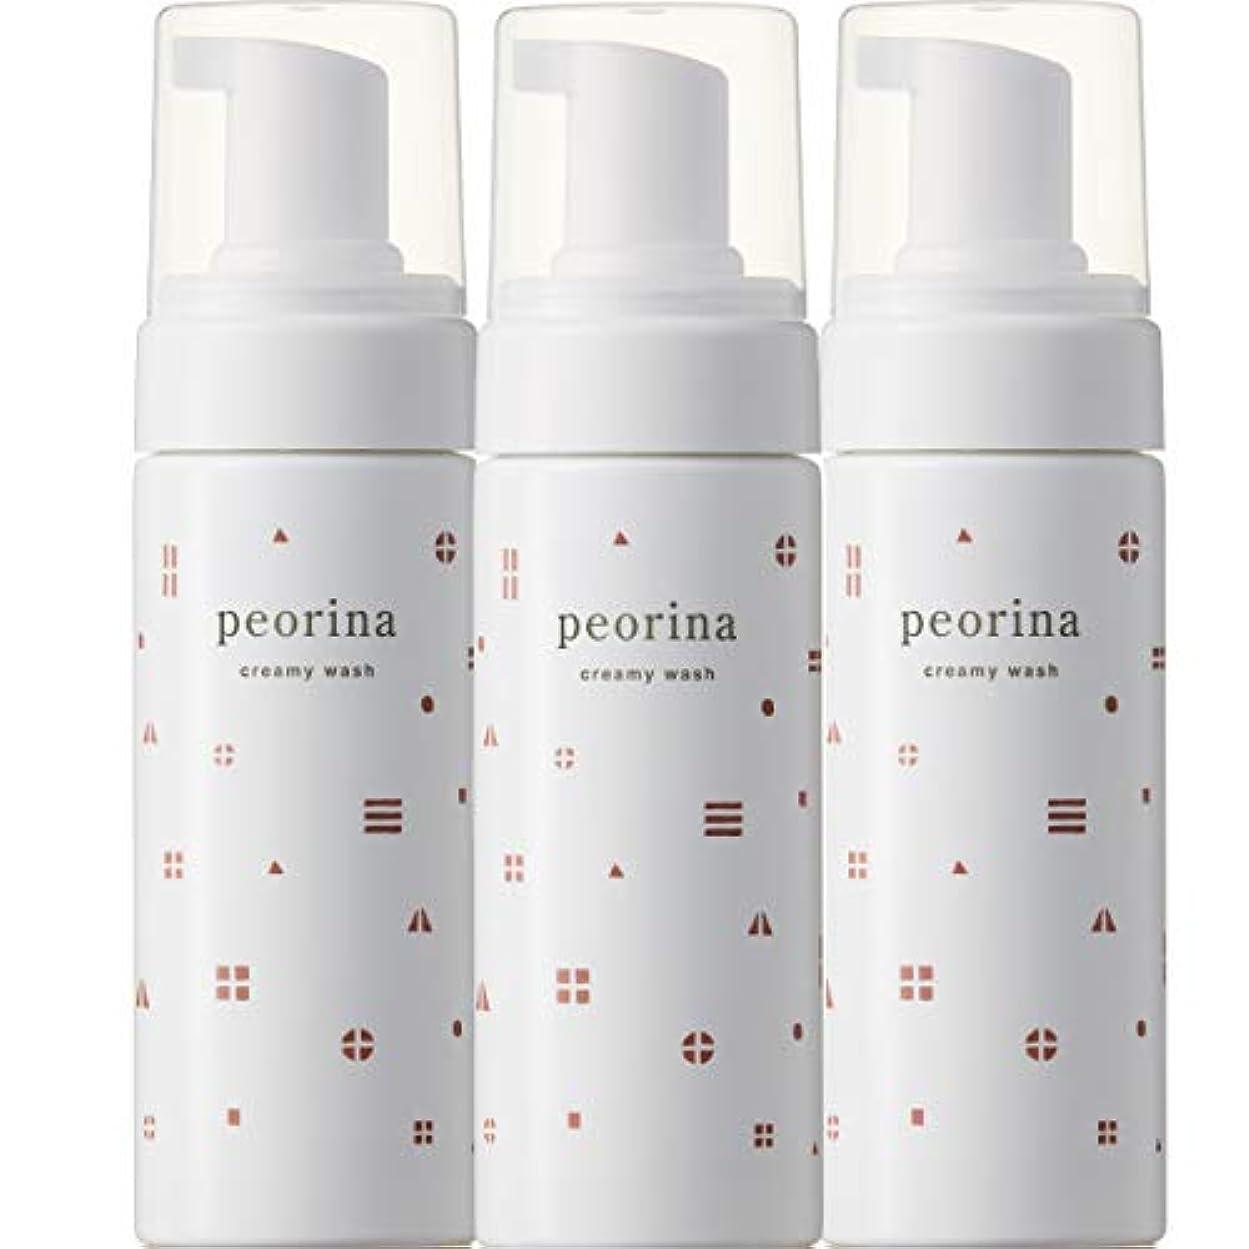 ピオリナ クリーミーウォッシュ 3本セット 泡洗顔 スキンケア 美肌 高保湿 セラミド ヒアルロン酸 アミノ酸 乾燥肌 敏感肌 ニキビ 赤ら顔 ヒト型セラミド